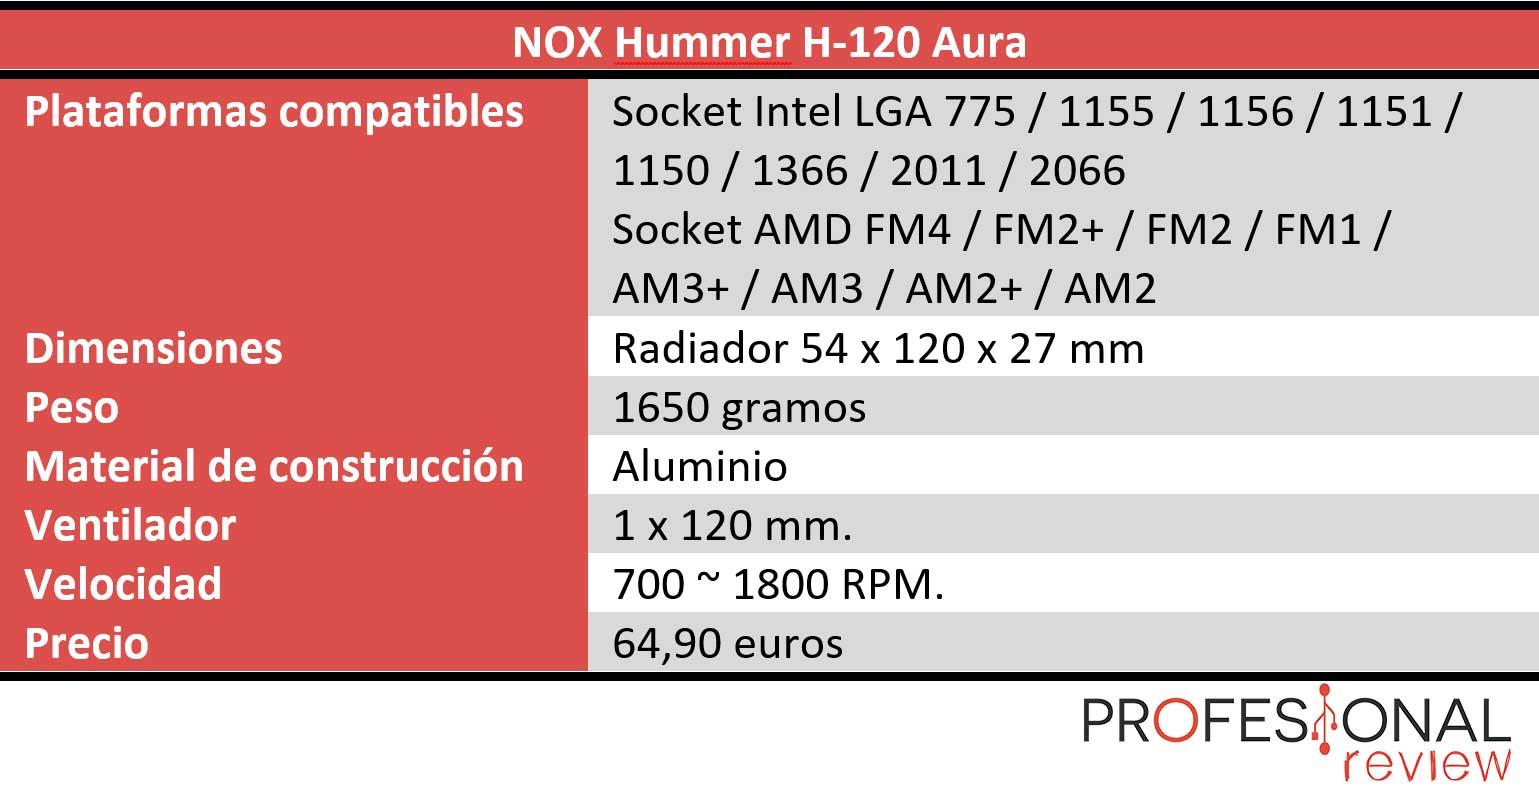 NOX Hummer H-120 Aura características